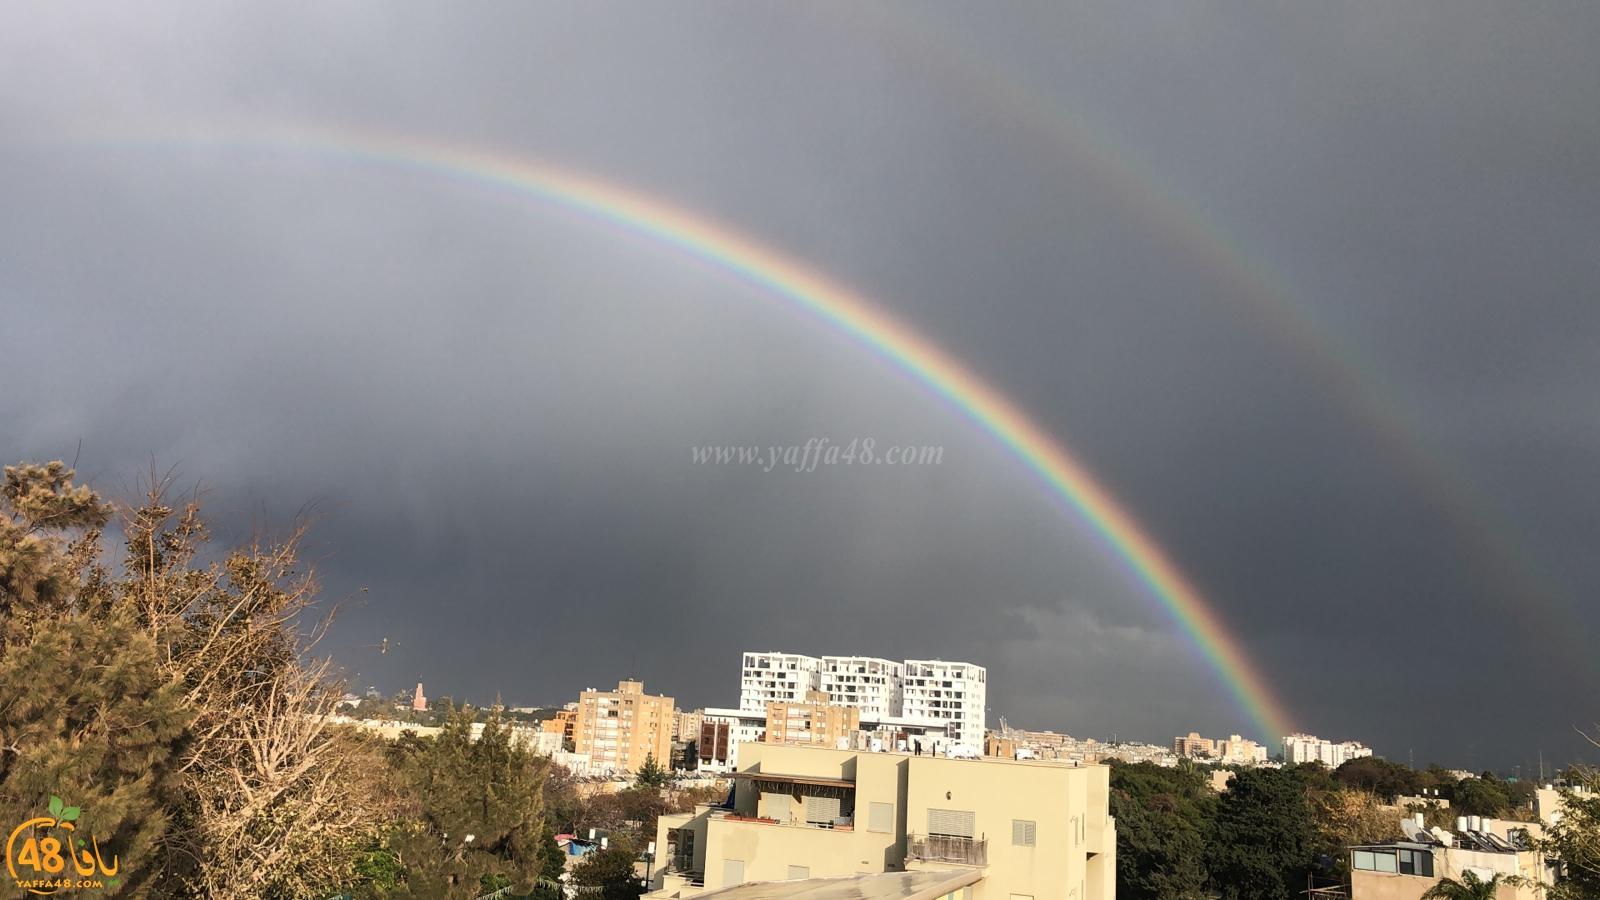 فيديو: أجواء ماطرة في يافا وقوس قزح يُزيّن سماء المدينة